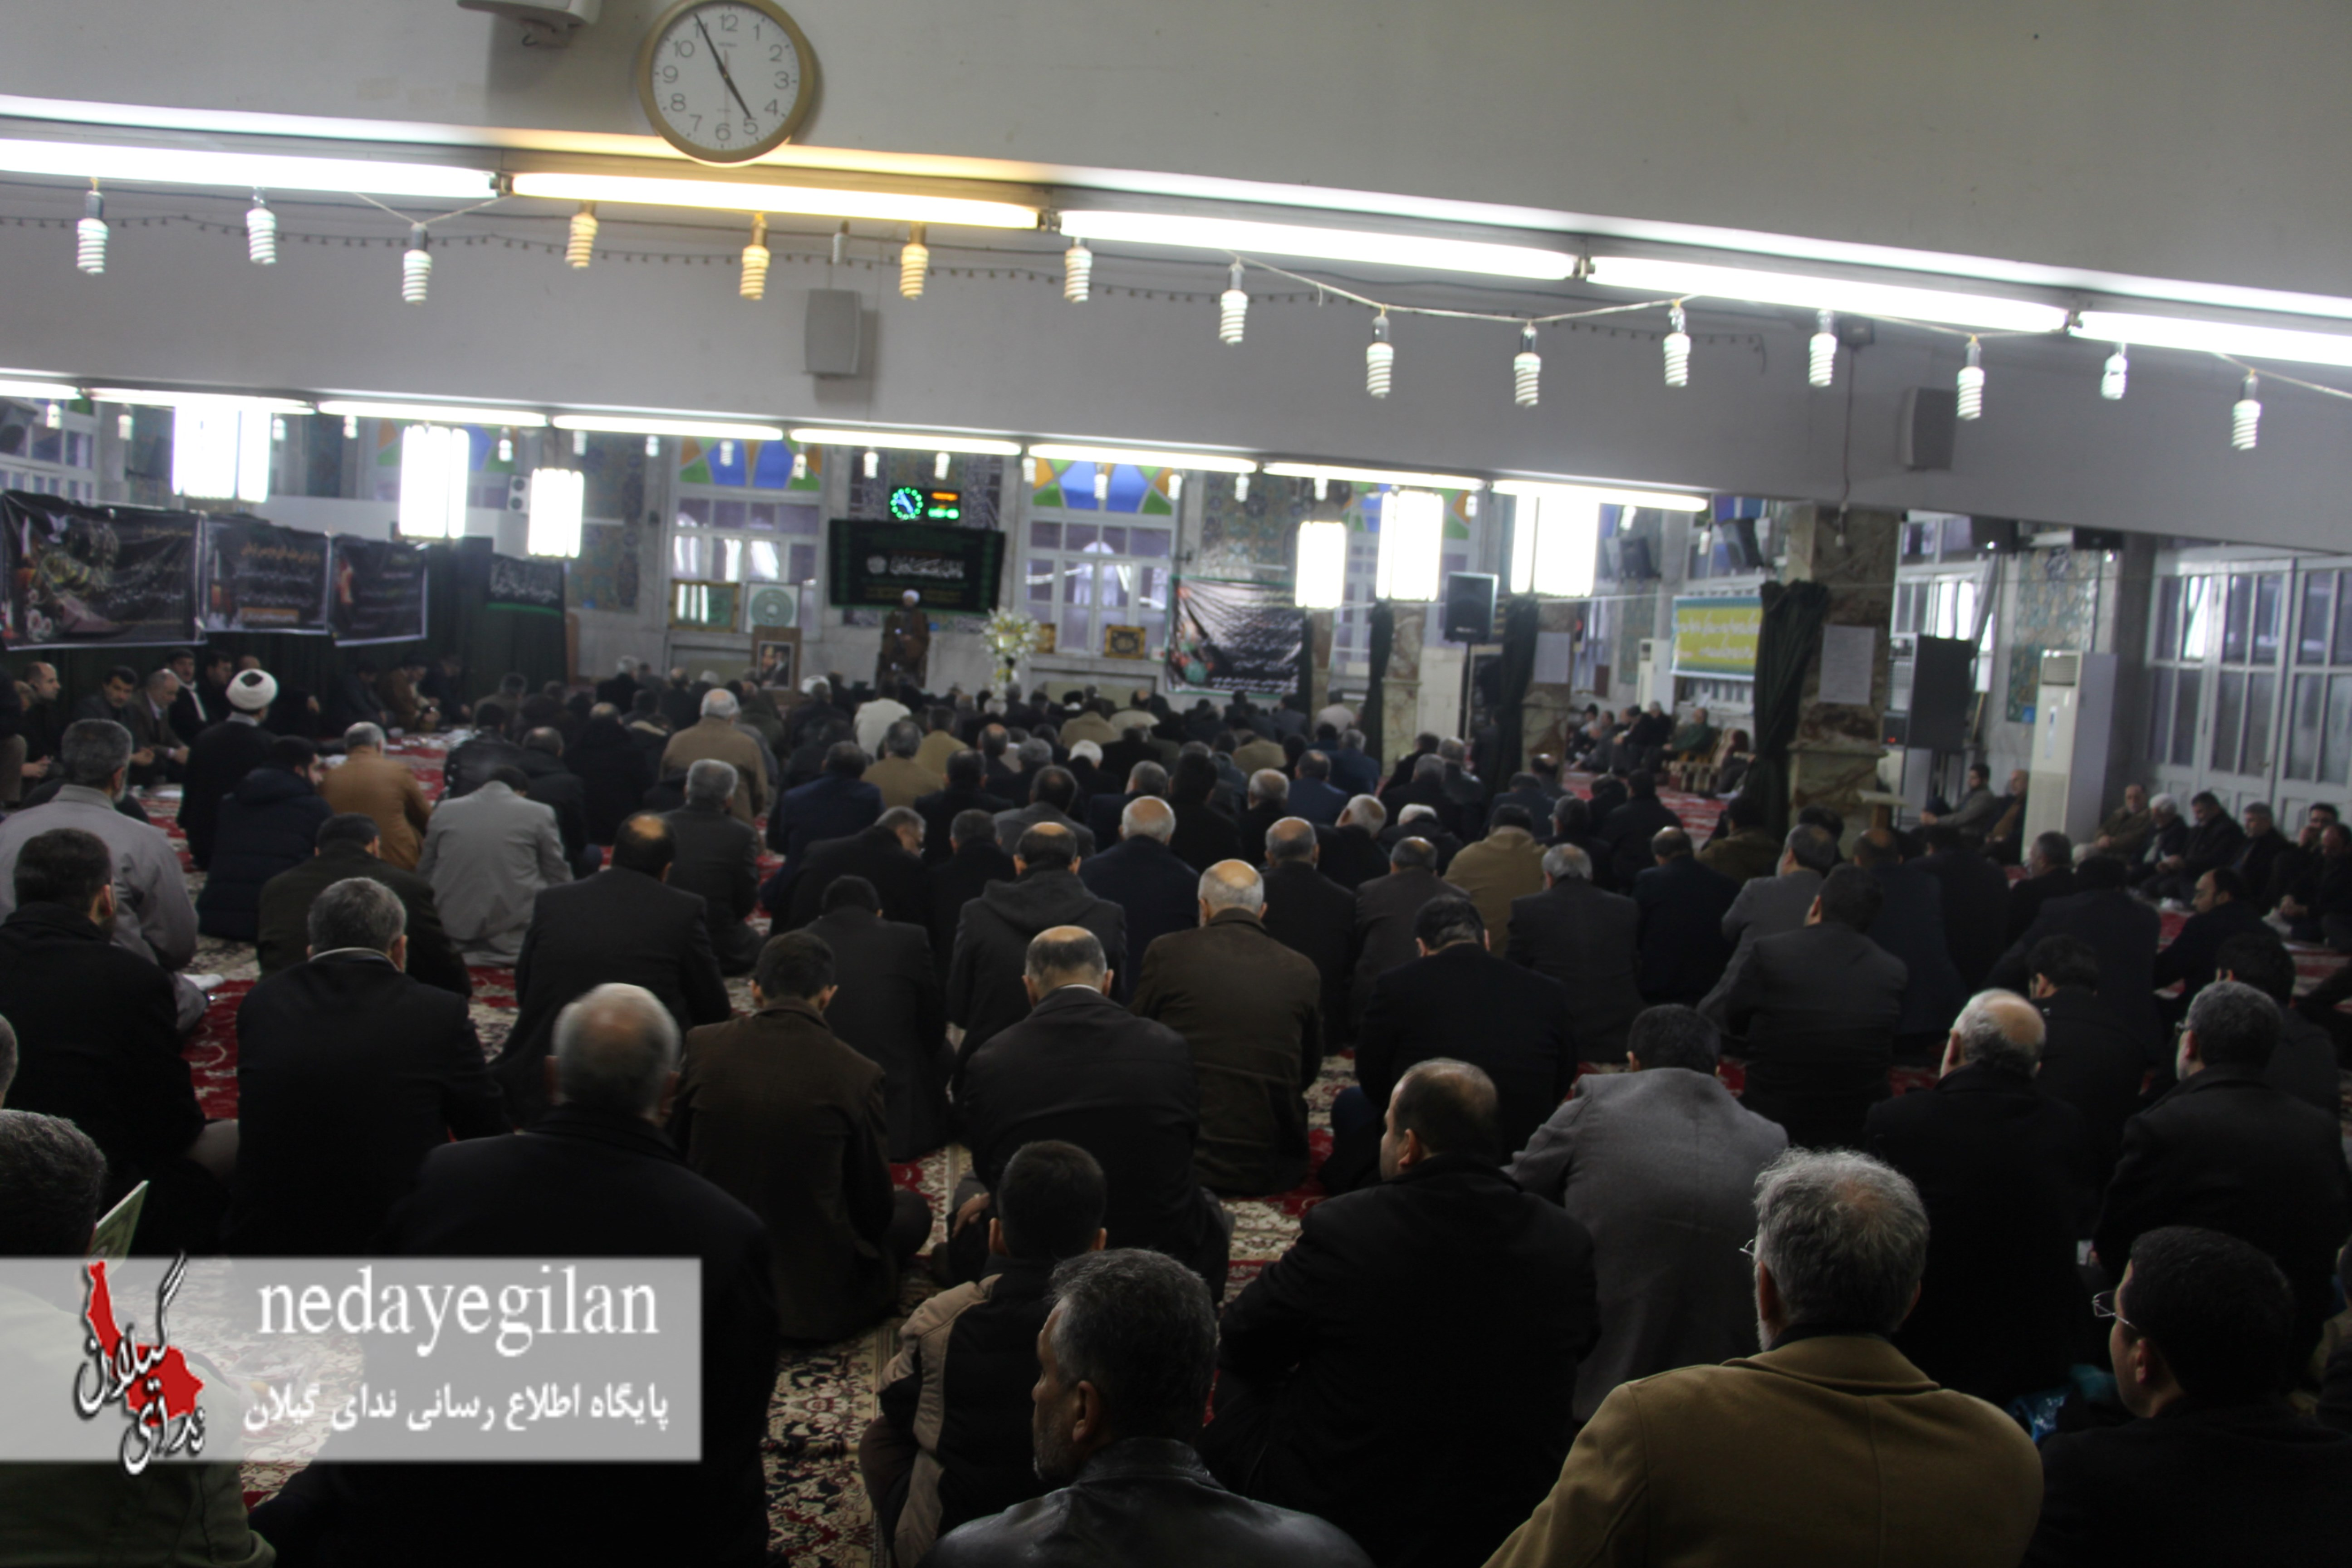 گزارش تصویری مراسم ختم والده حاج حسن کربلایی در مهدیه رشت